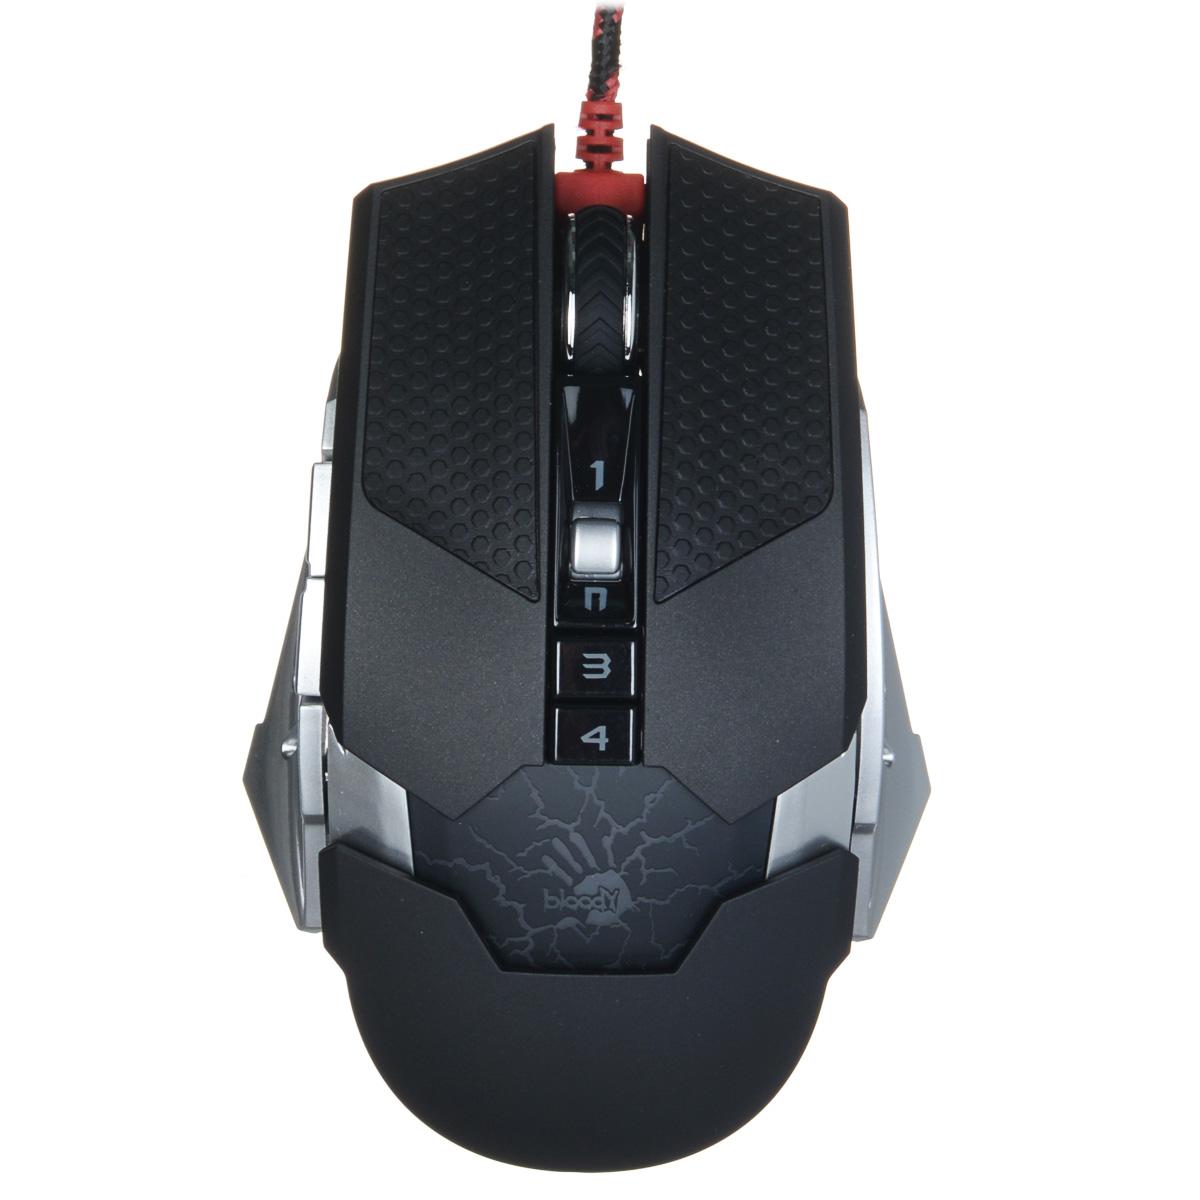 A4Tech Bloody Terminator TL50, Black Grey игровая мышь293575Игровая компьютерная мышь A4Tech Bloody Terminator TL50 оснащена сенсором с разрешением 100-8200 dpi и имеет девять программируемых кнопок и колесо прокрутки. Устройство оснащено также ультрапрочными, легко скользящими по поверхности ножками и переключателем Omron. Световой индикатор подскажет о выборе режима оружия, а логотип Bloody подсвечивается тремя цветами. A4Tech Bloody Terminator TL50 оборудована 160 килобайтами встроенной памяти для хранения настроек, регулируемых с помощью фирменного программного обеспечения.